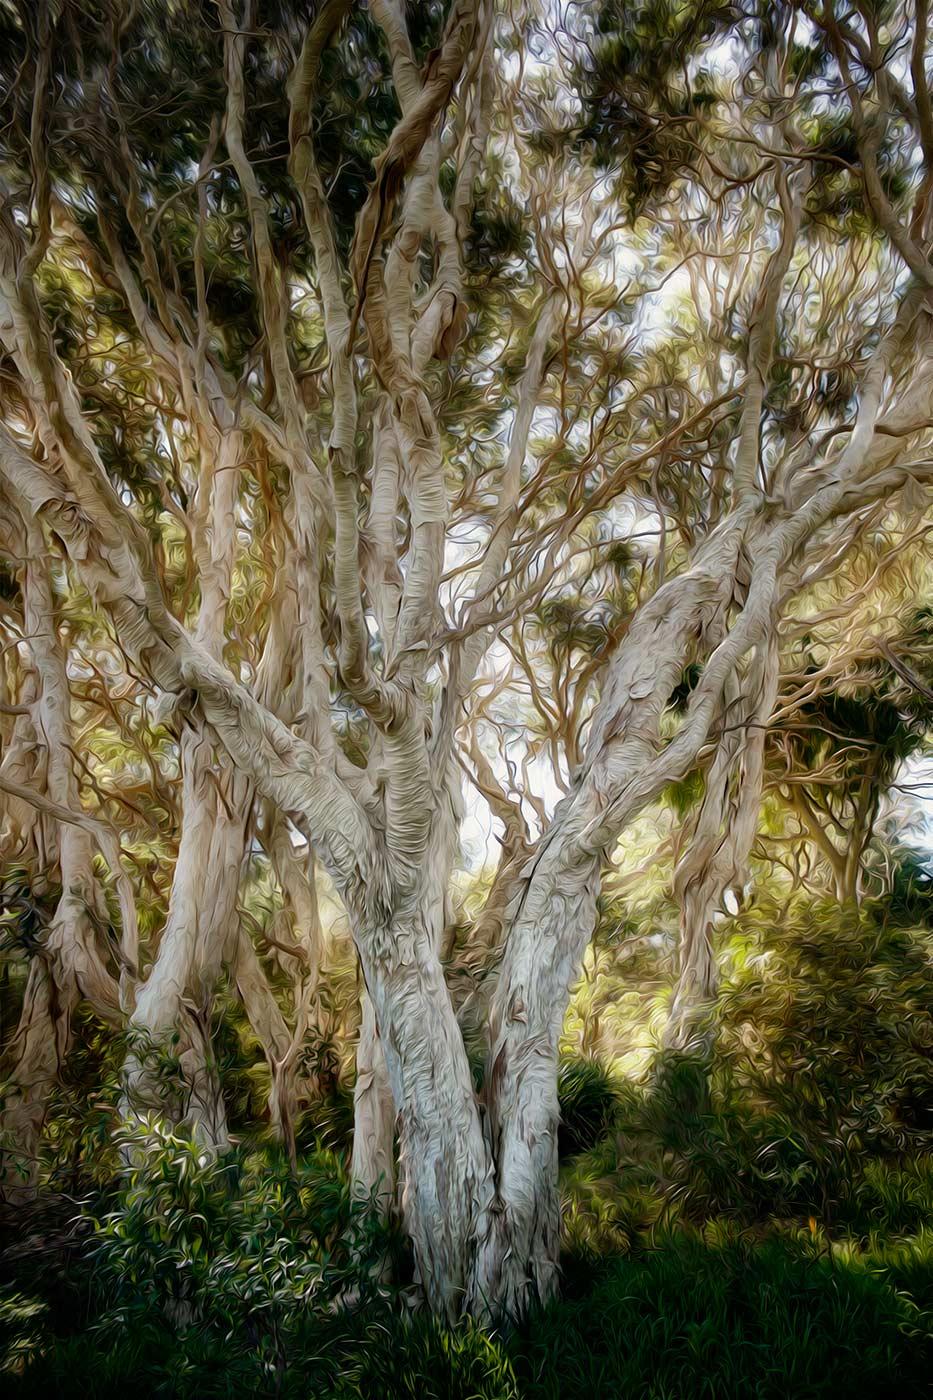 paper bark gumtree grove light in background